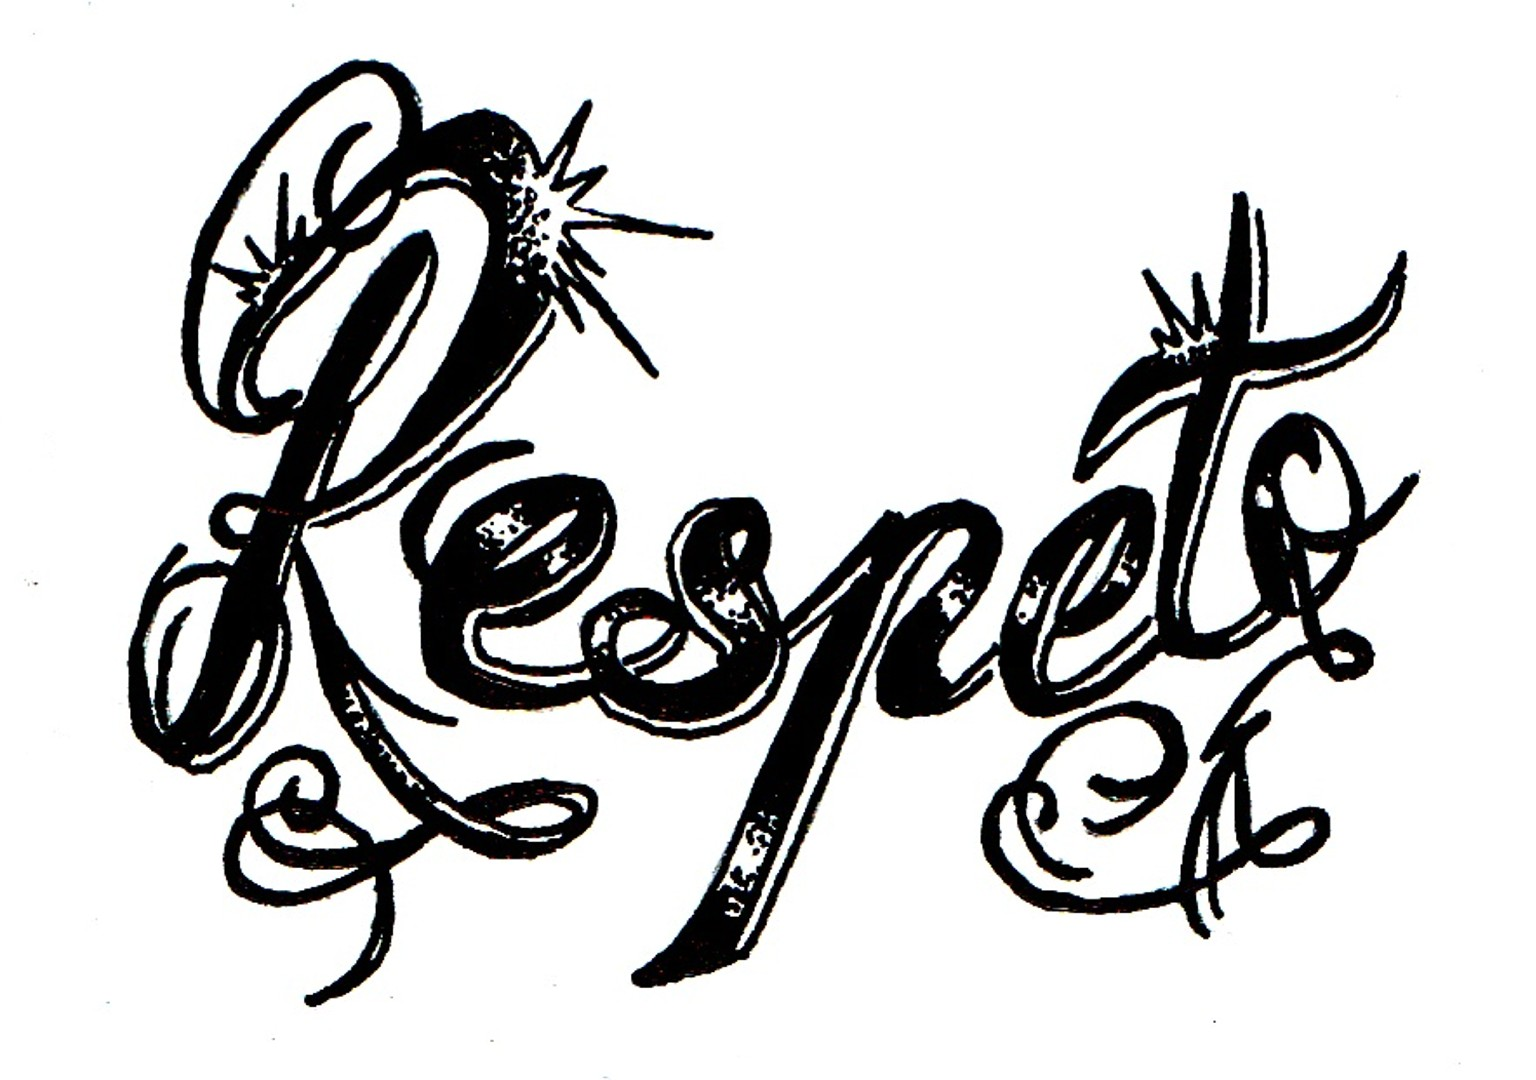 Un Dibujo Del Respeto Imagui